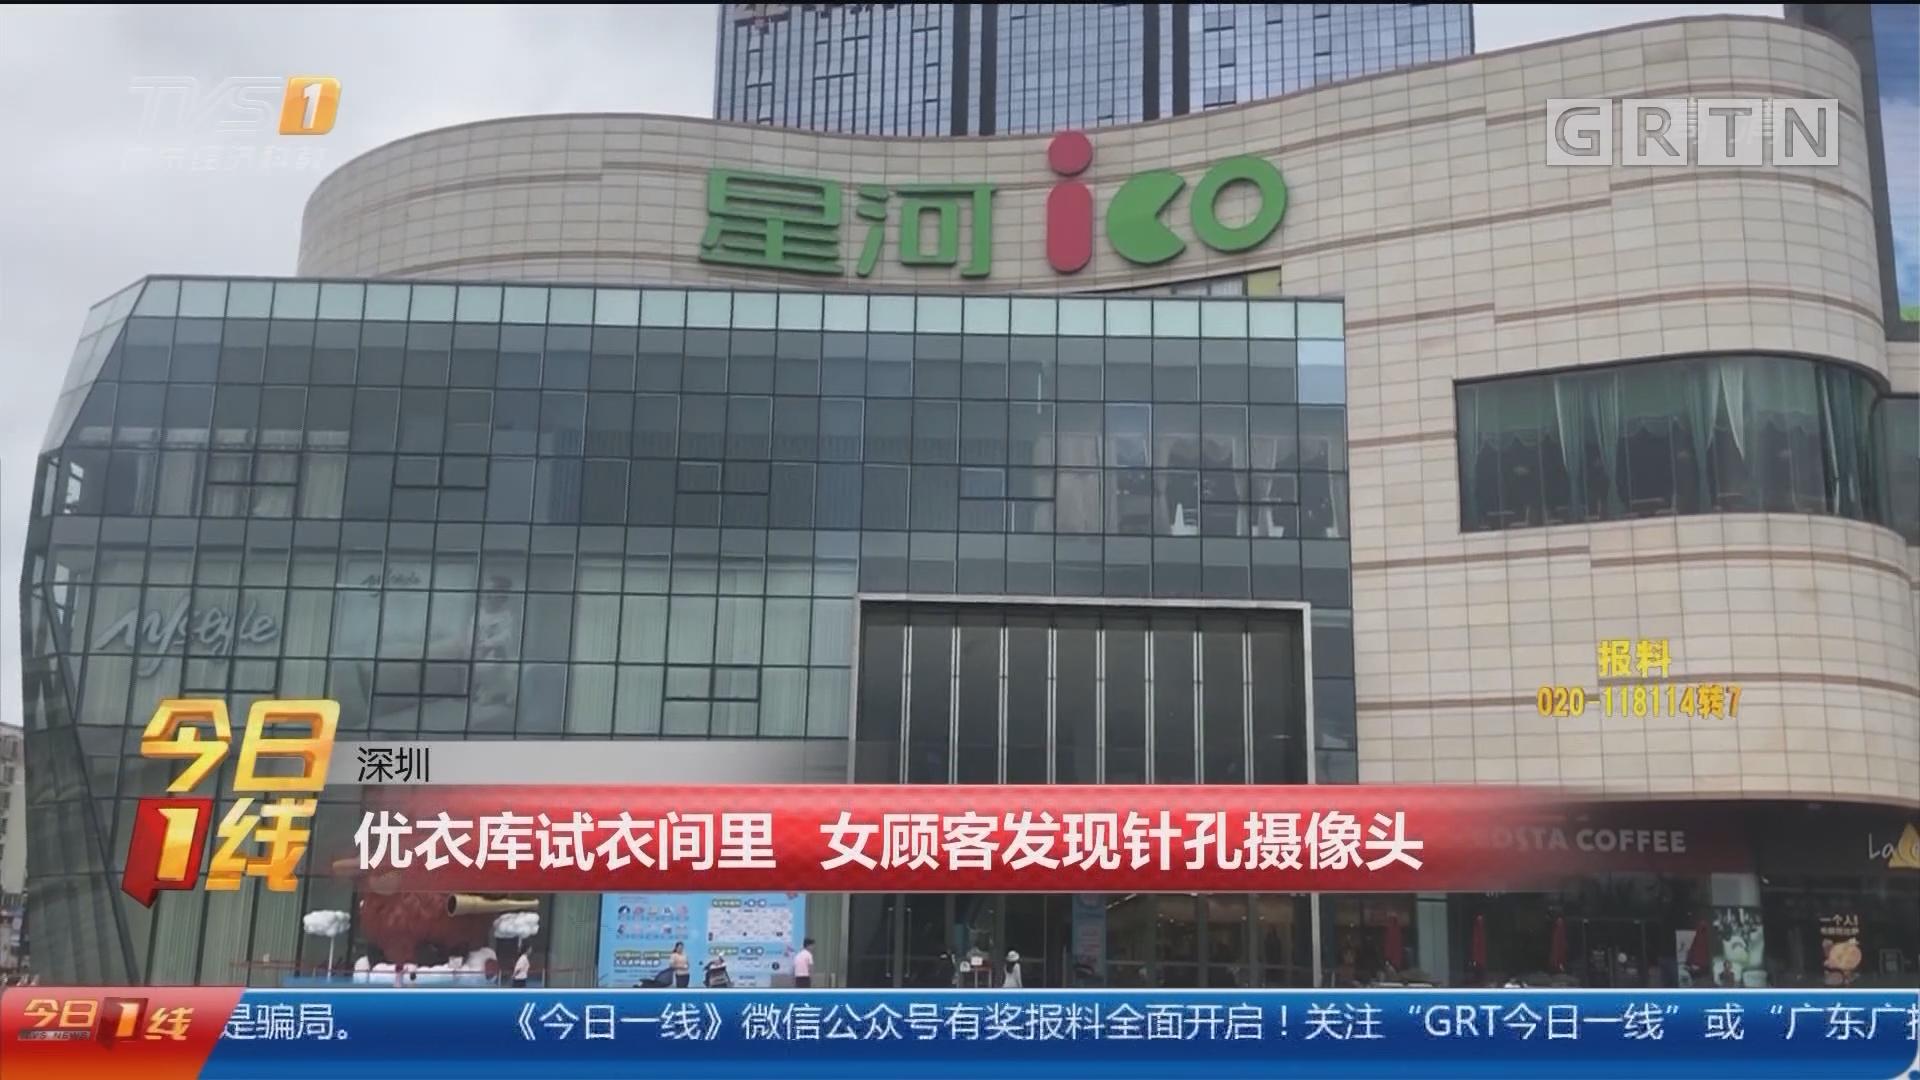 深圳:优衣库试衣间里 女顾客发现针孔摄像头